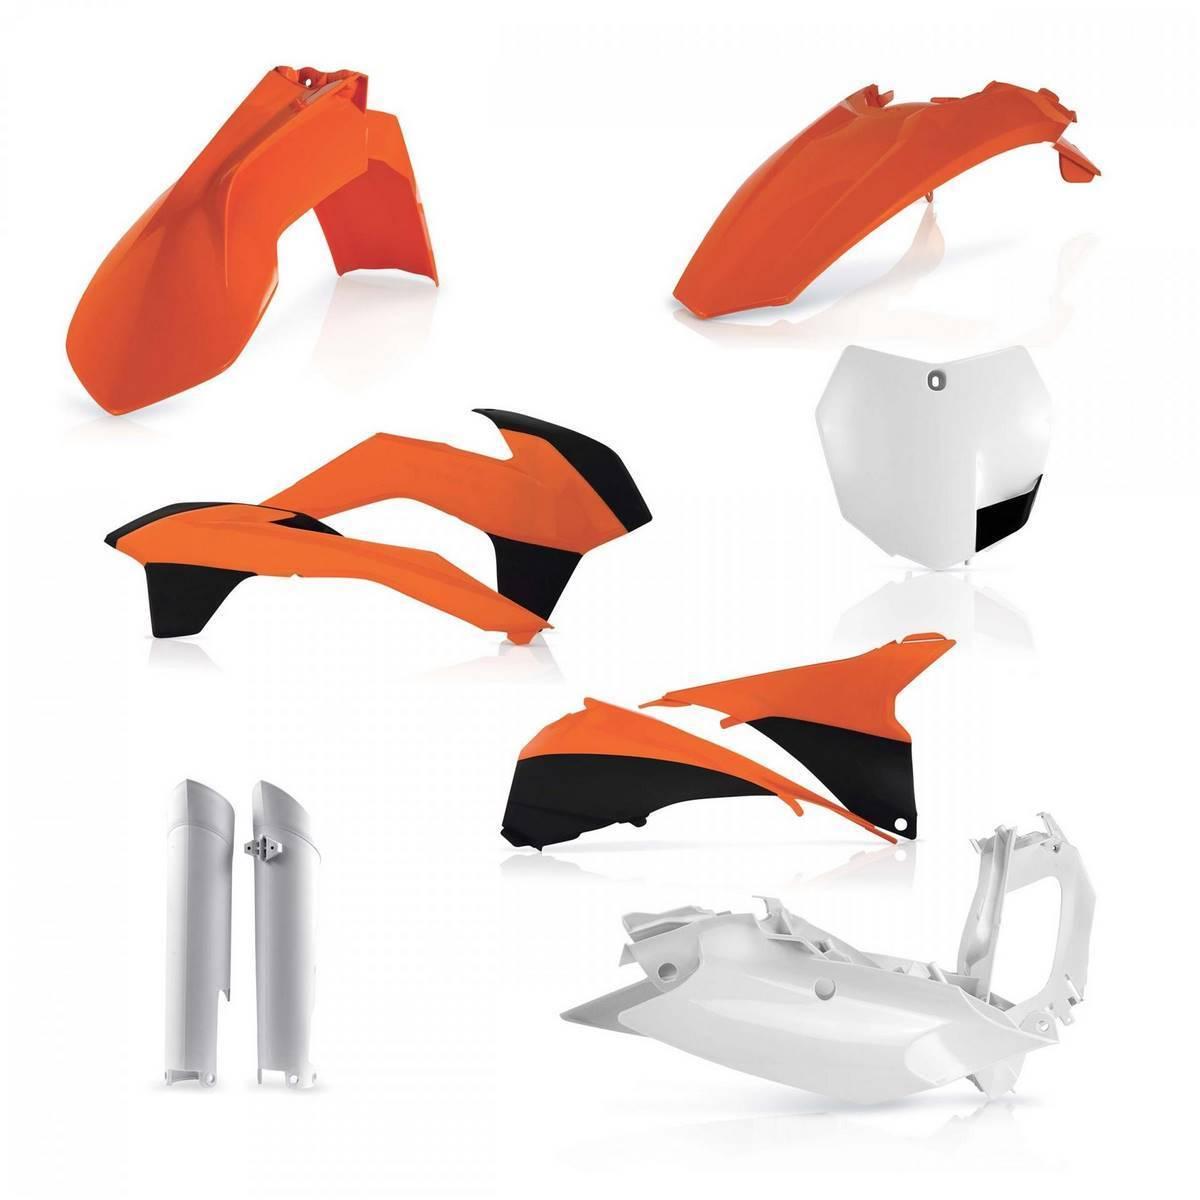 0016874-553 - Full Kit Plasticos Sxf 13 14 Origen